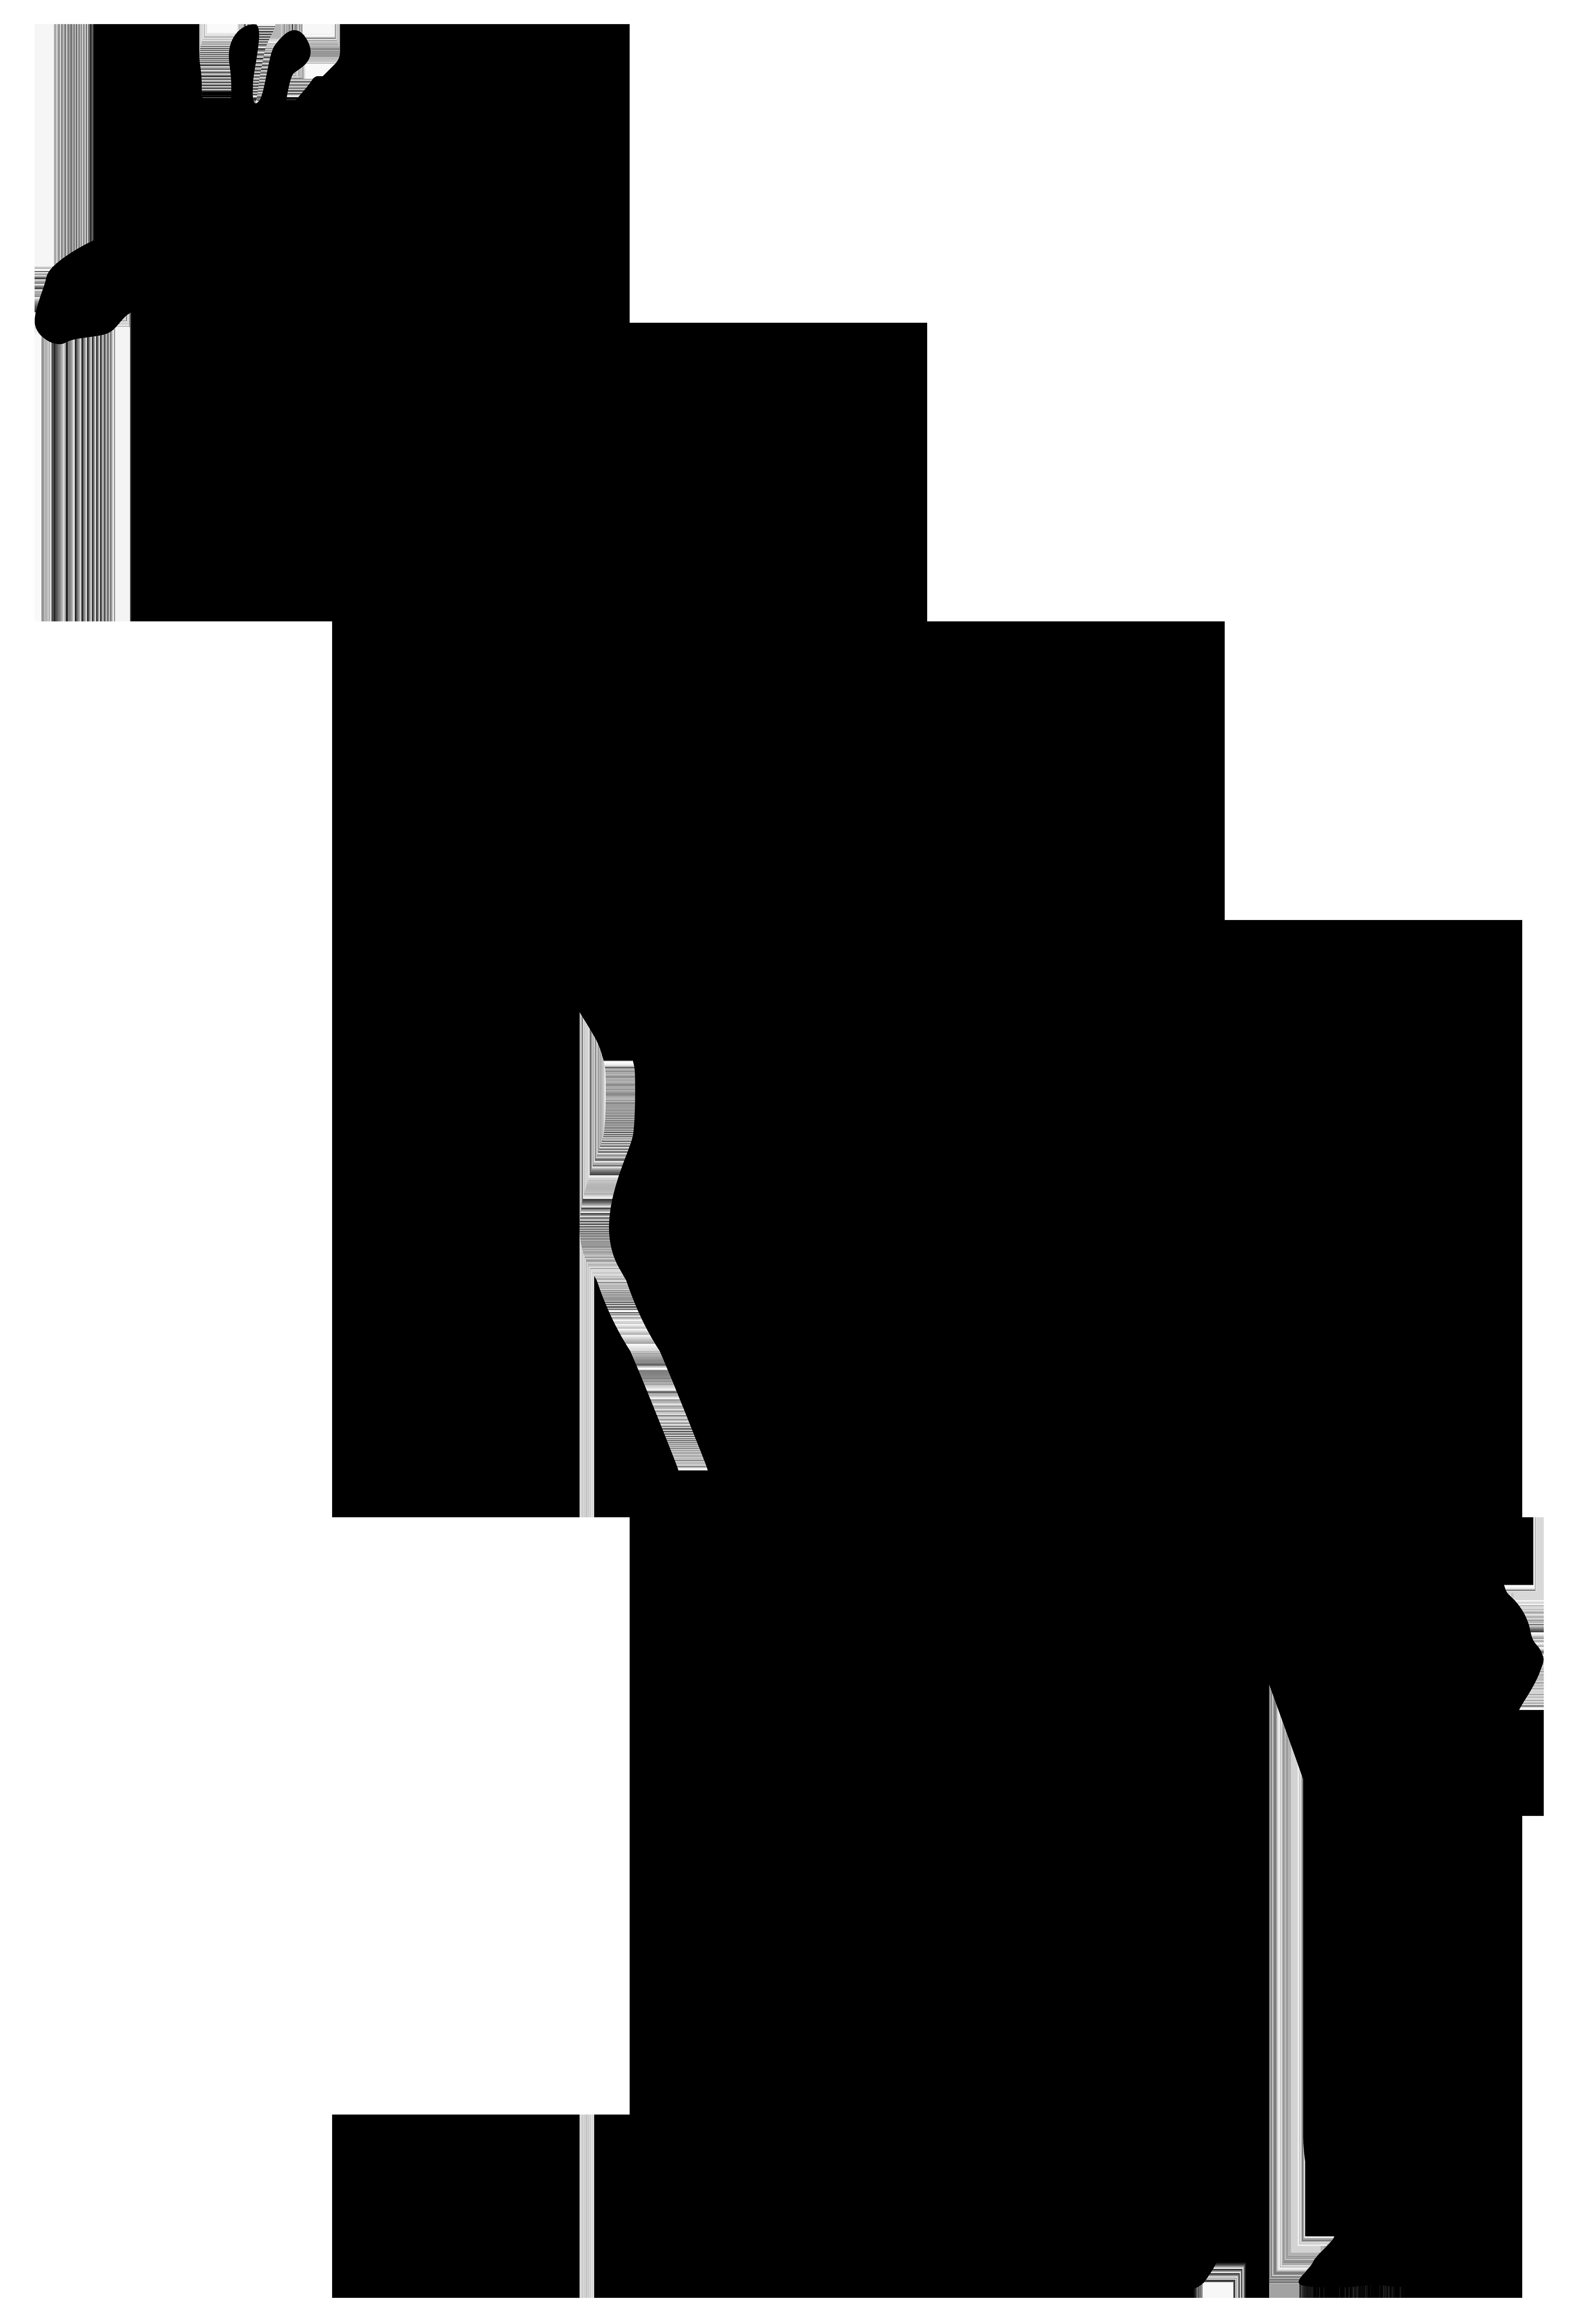 5455x8000 Giraffe Silhouette Png Transparent Clip Art Imageu200b Gallery